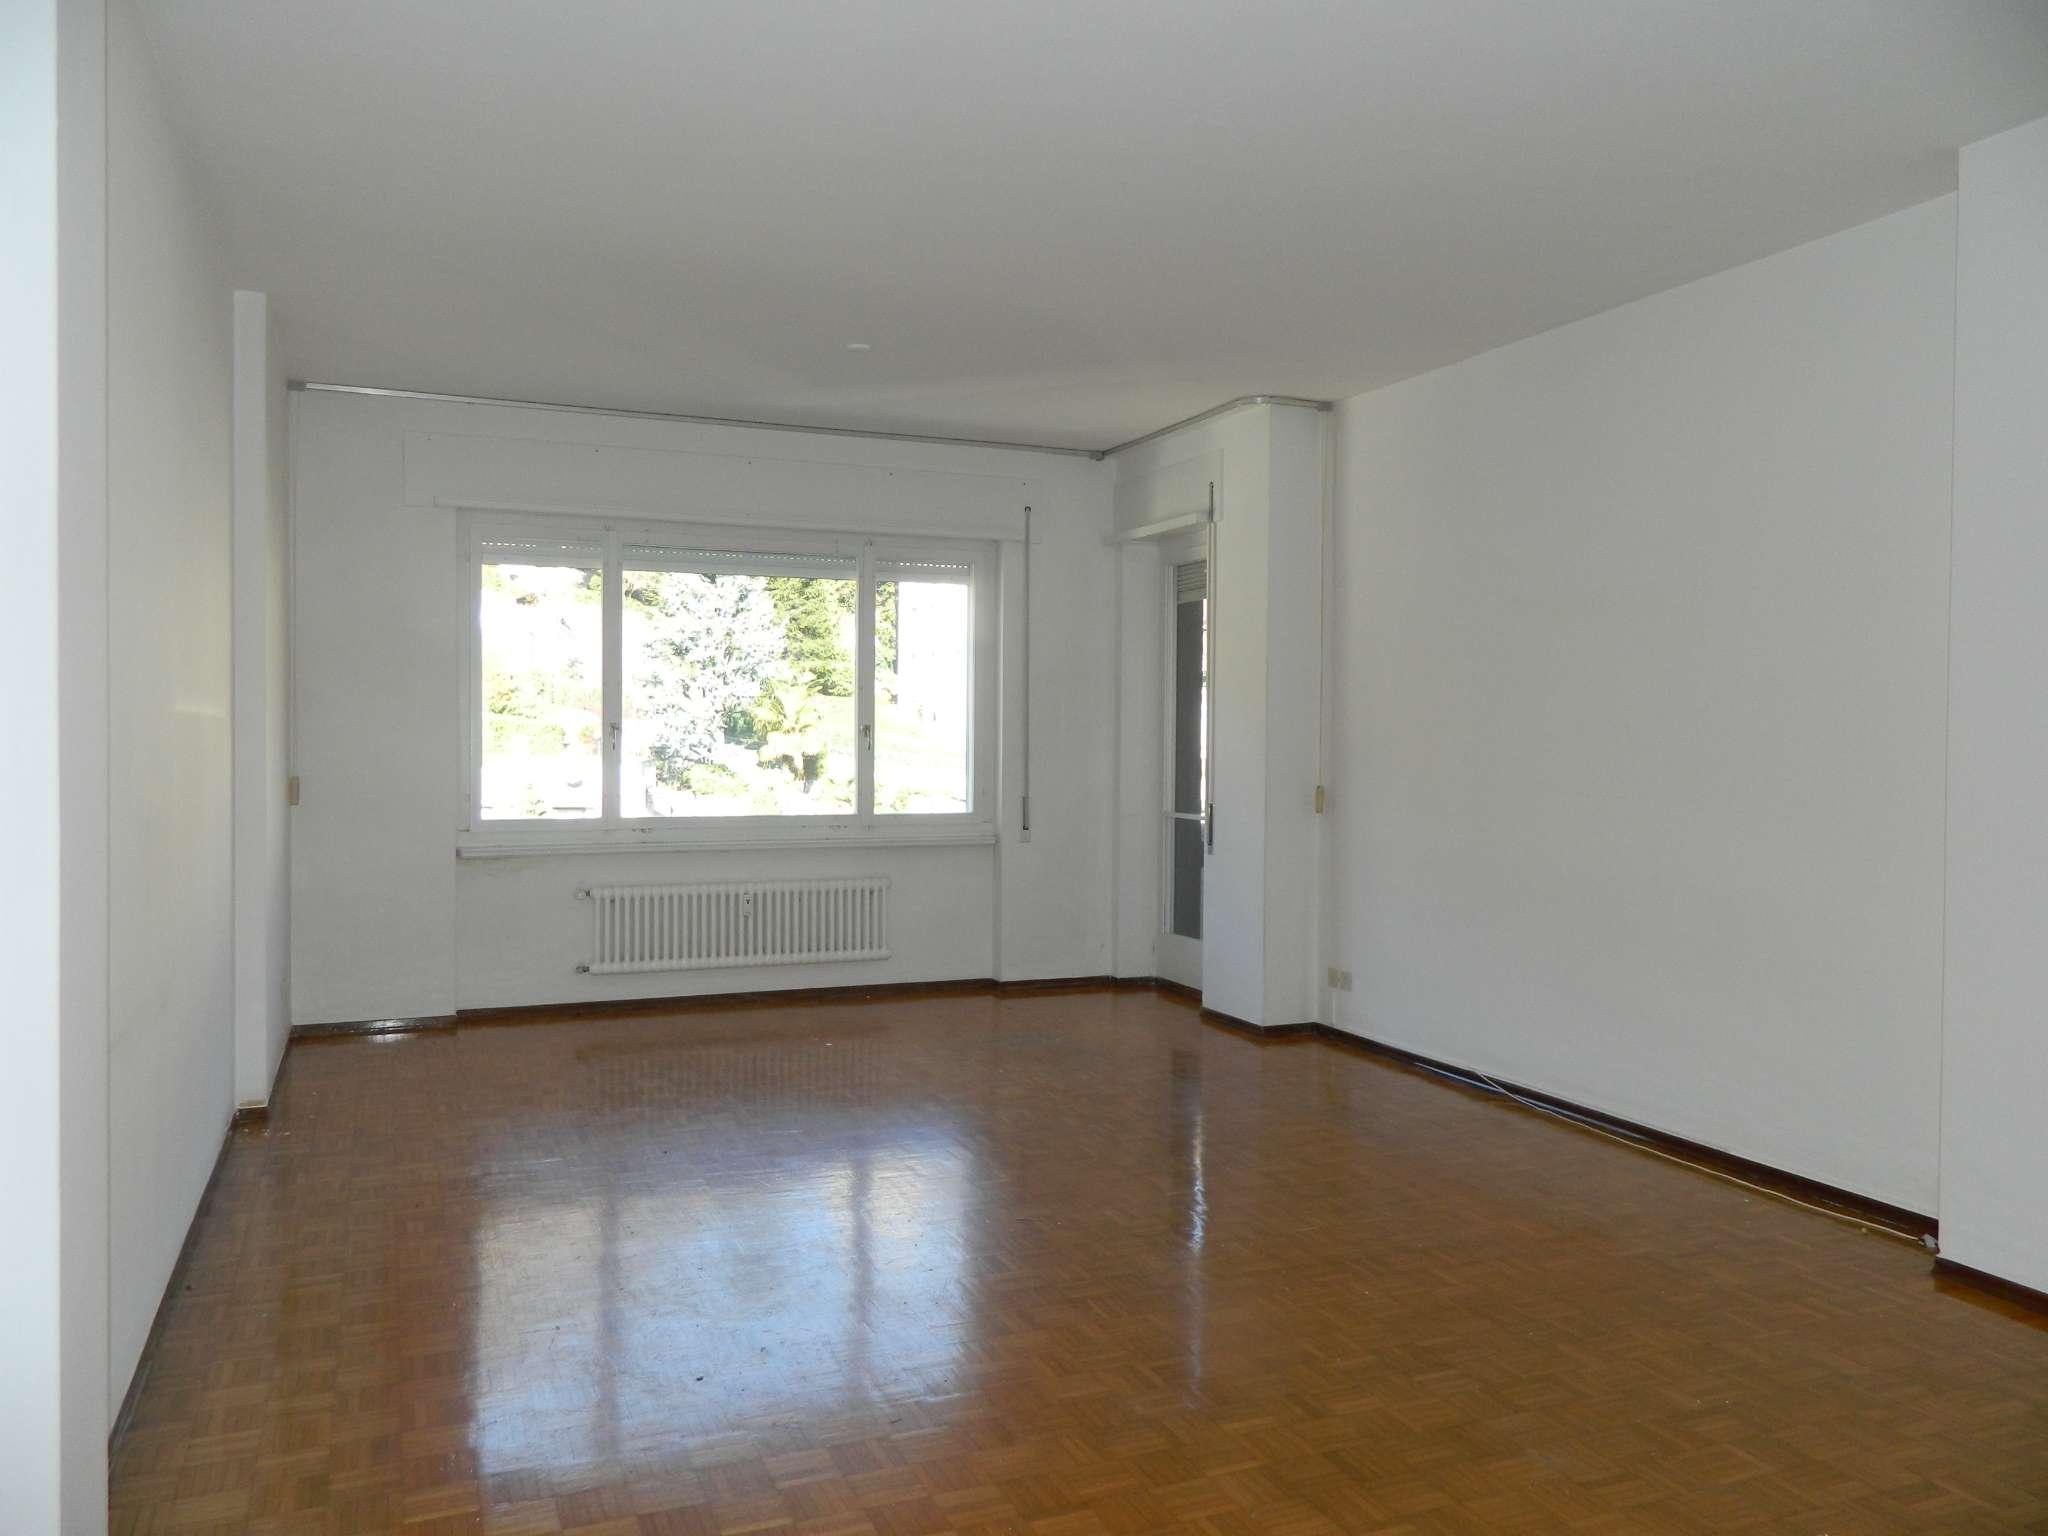 Appartamento in affitto a Sondrio, 3 locali, prezzo € 400 | PortaleAgenzieImmobiliari.it